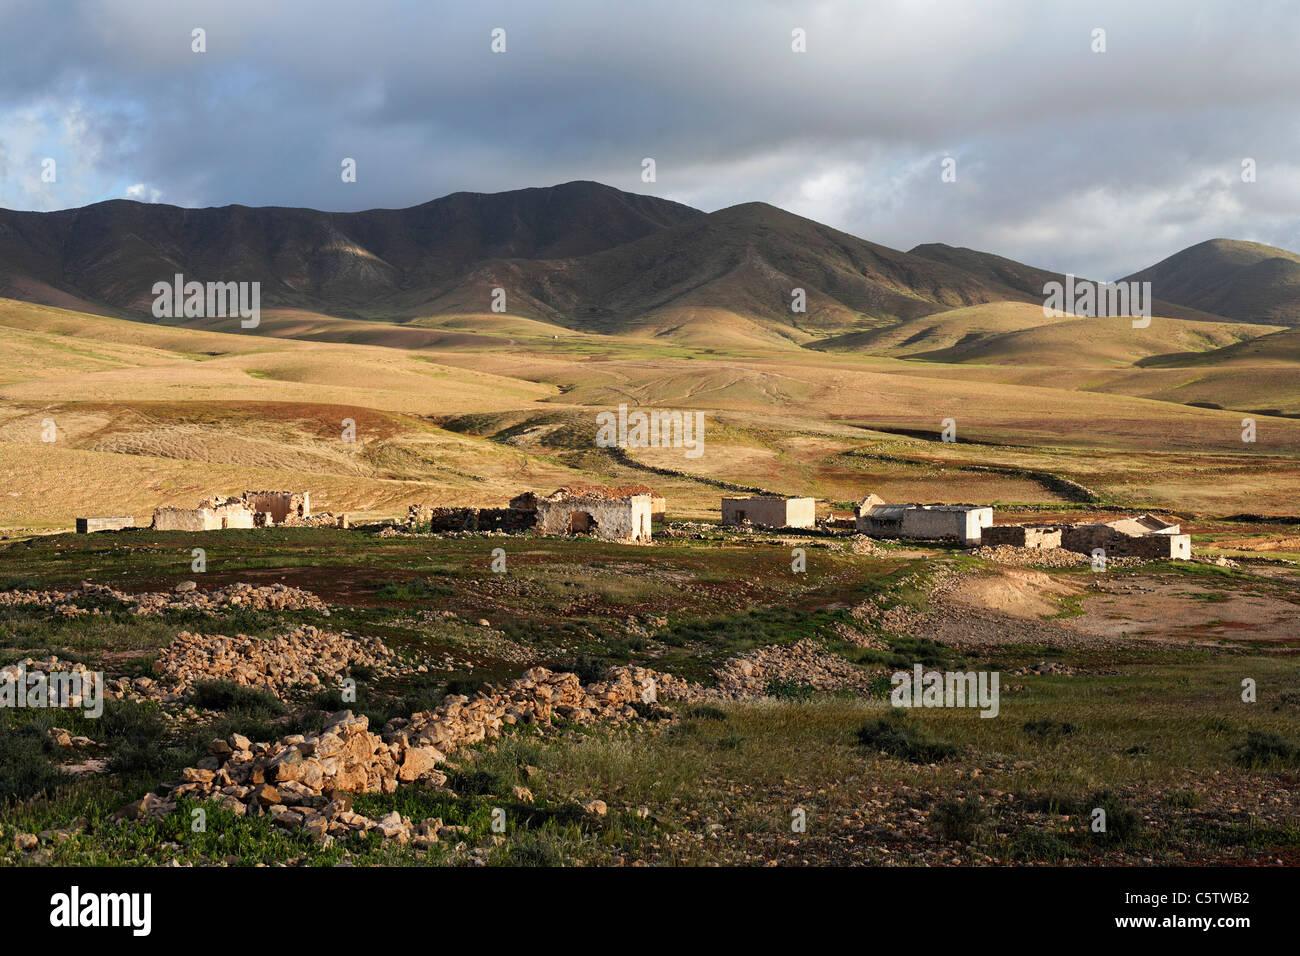 Spanien, Kanarische Inseln, Fuerteventura, Landschaft mit Ruinen in der Nähe von tuineje Stockbild